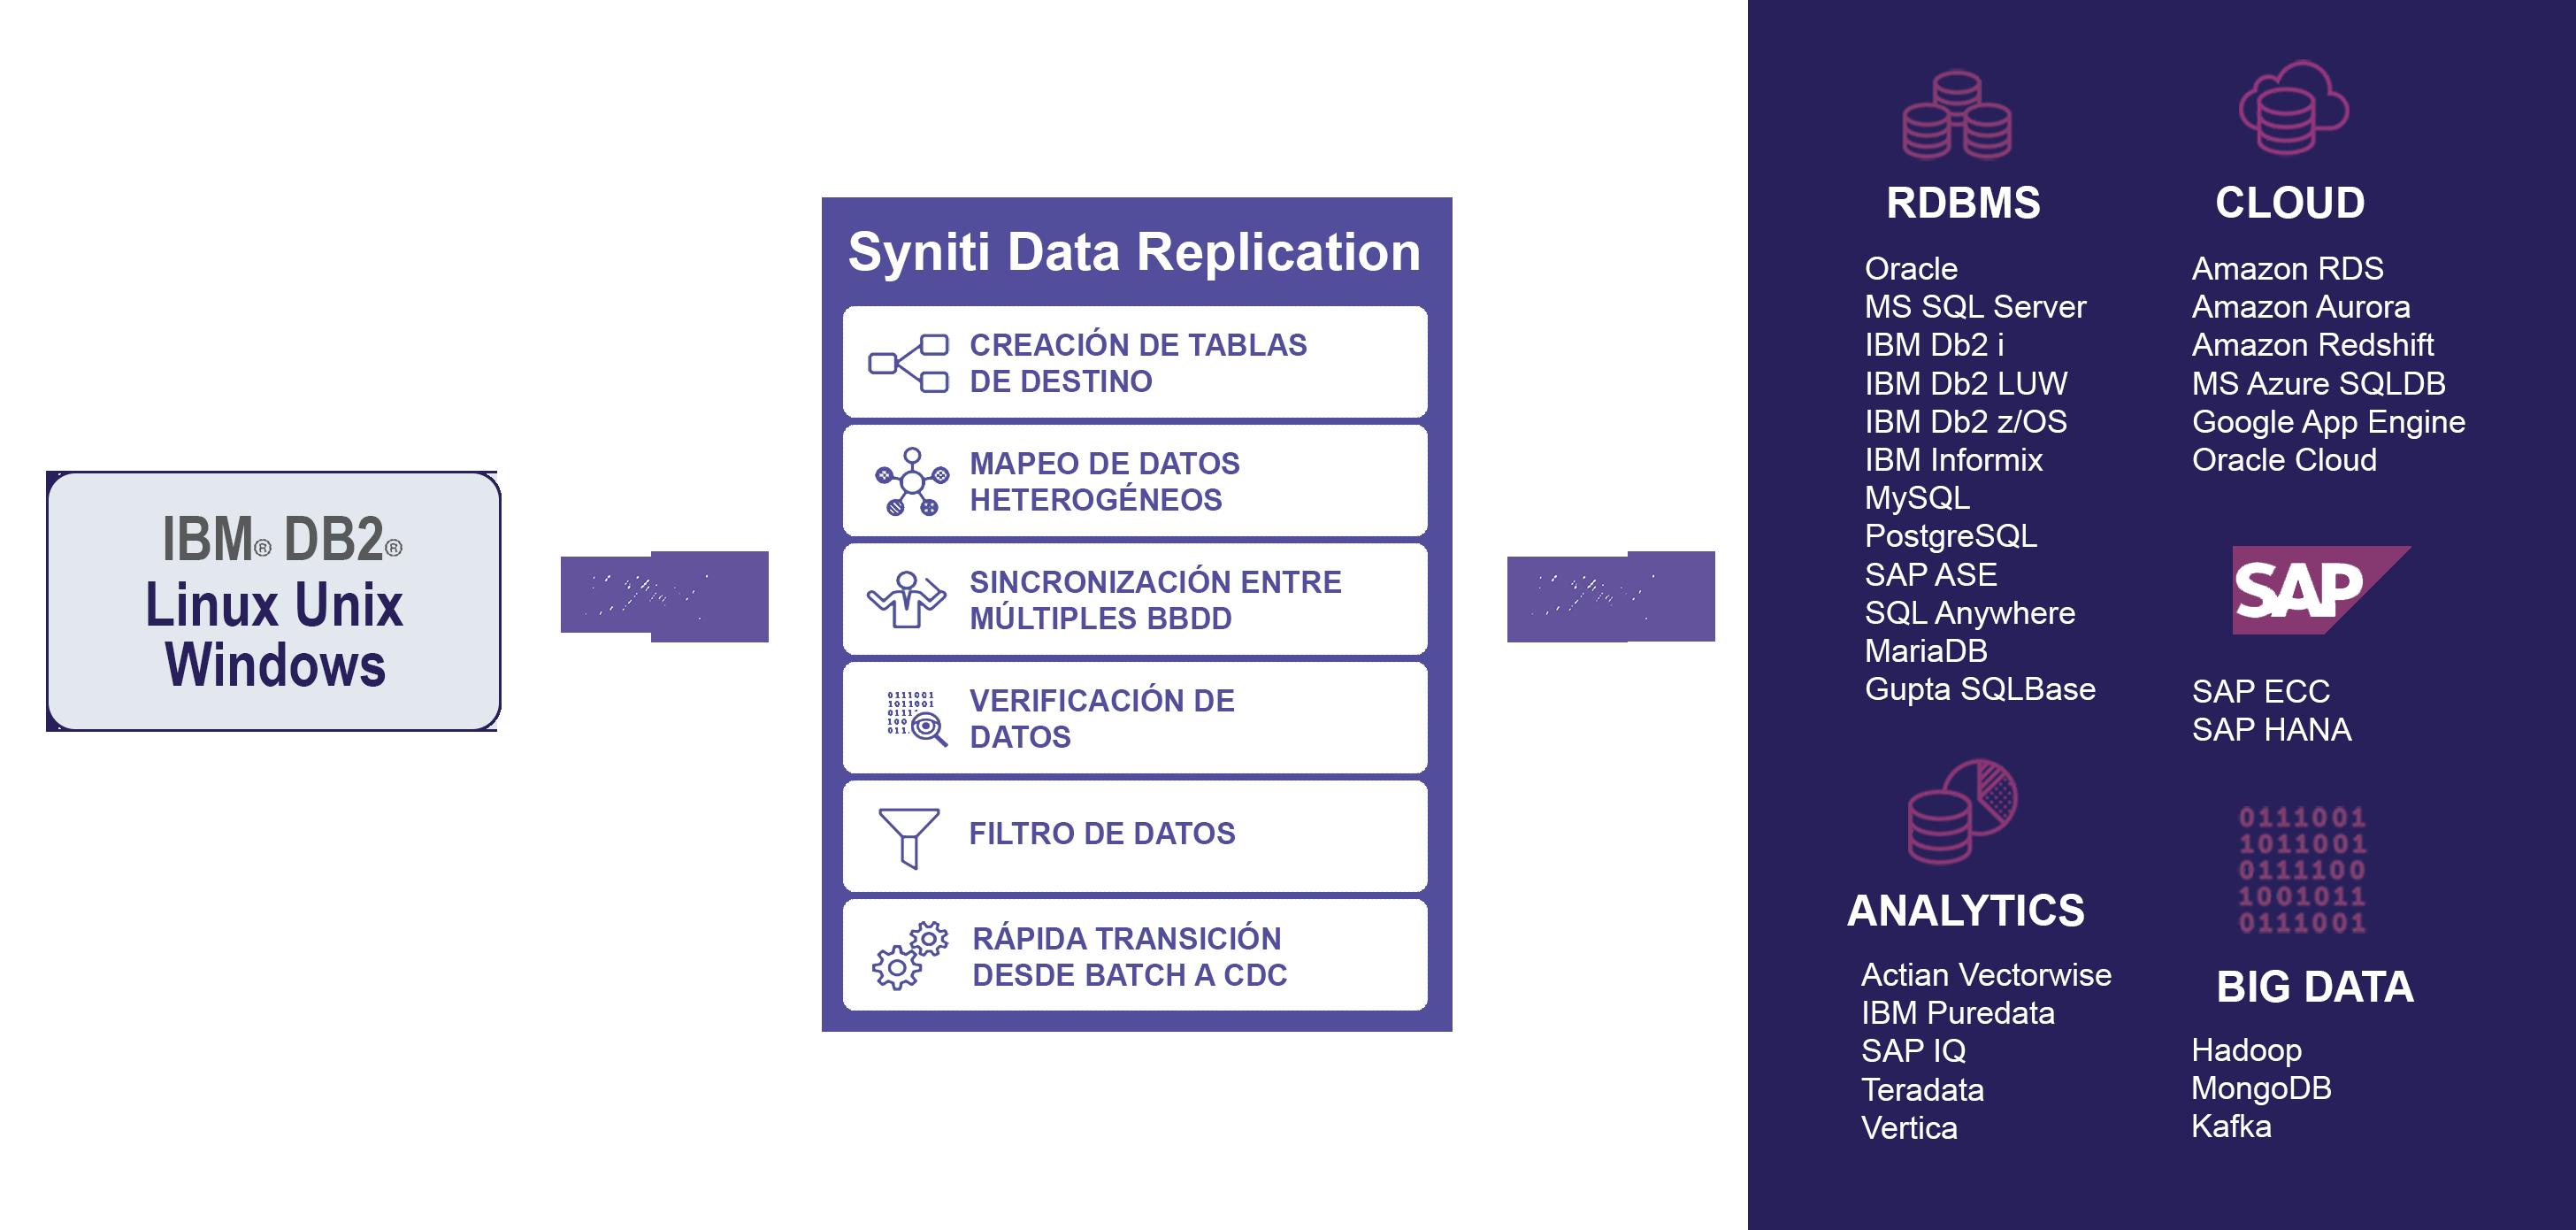 IBM DB2 LUW data replication